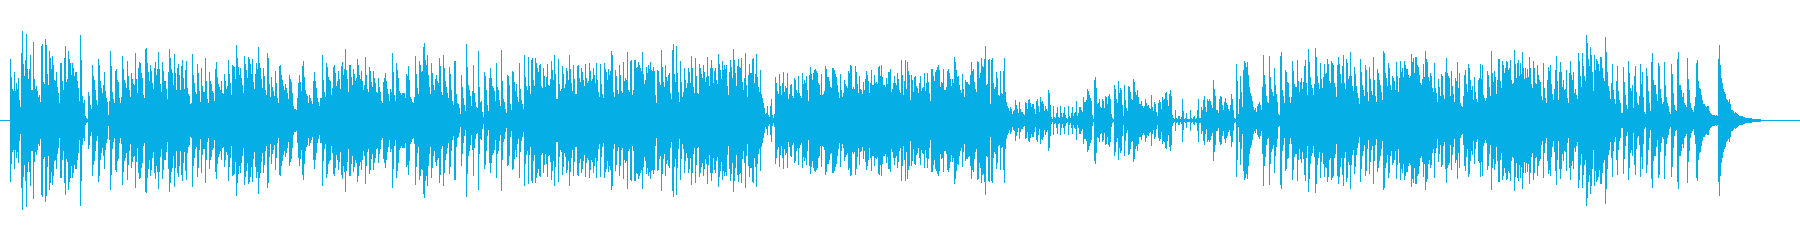 ピアノトリオ風ジャズアレンジの再生済みの波形